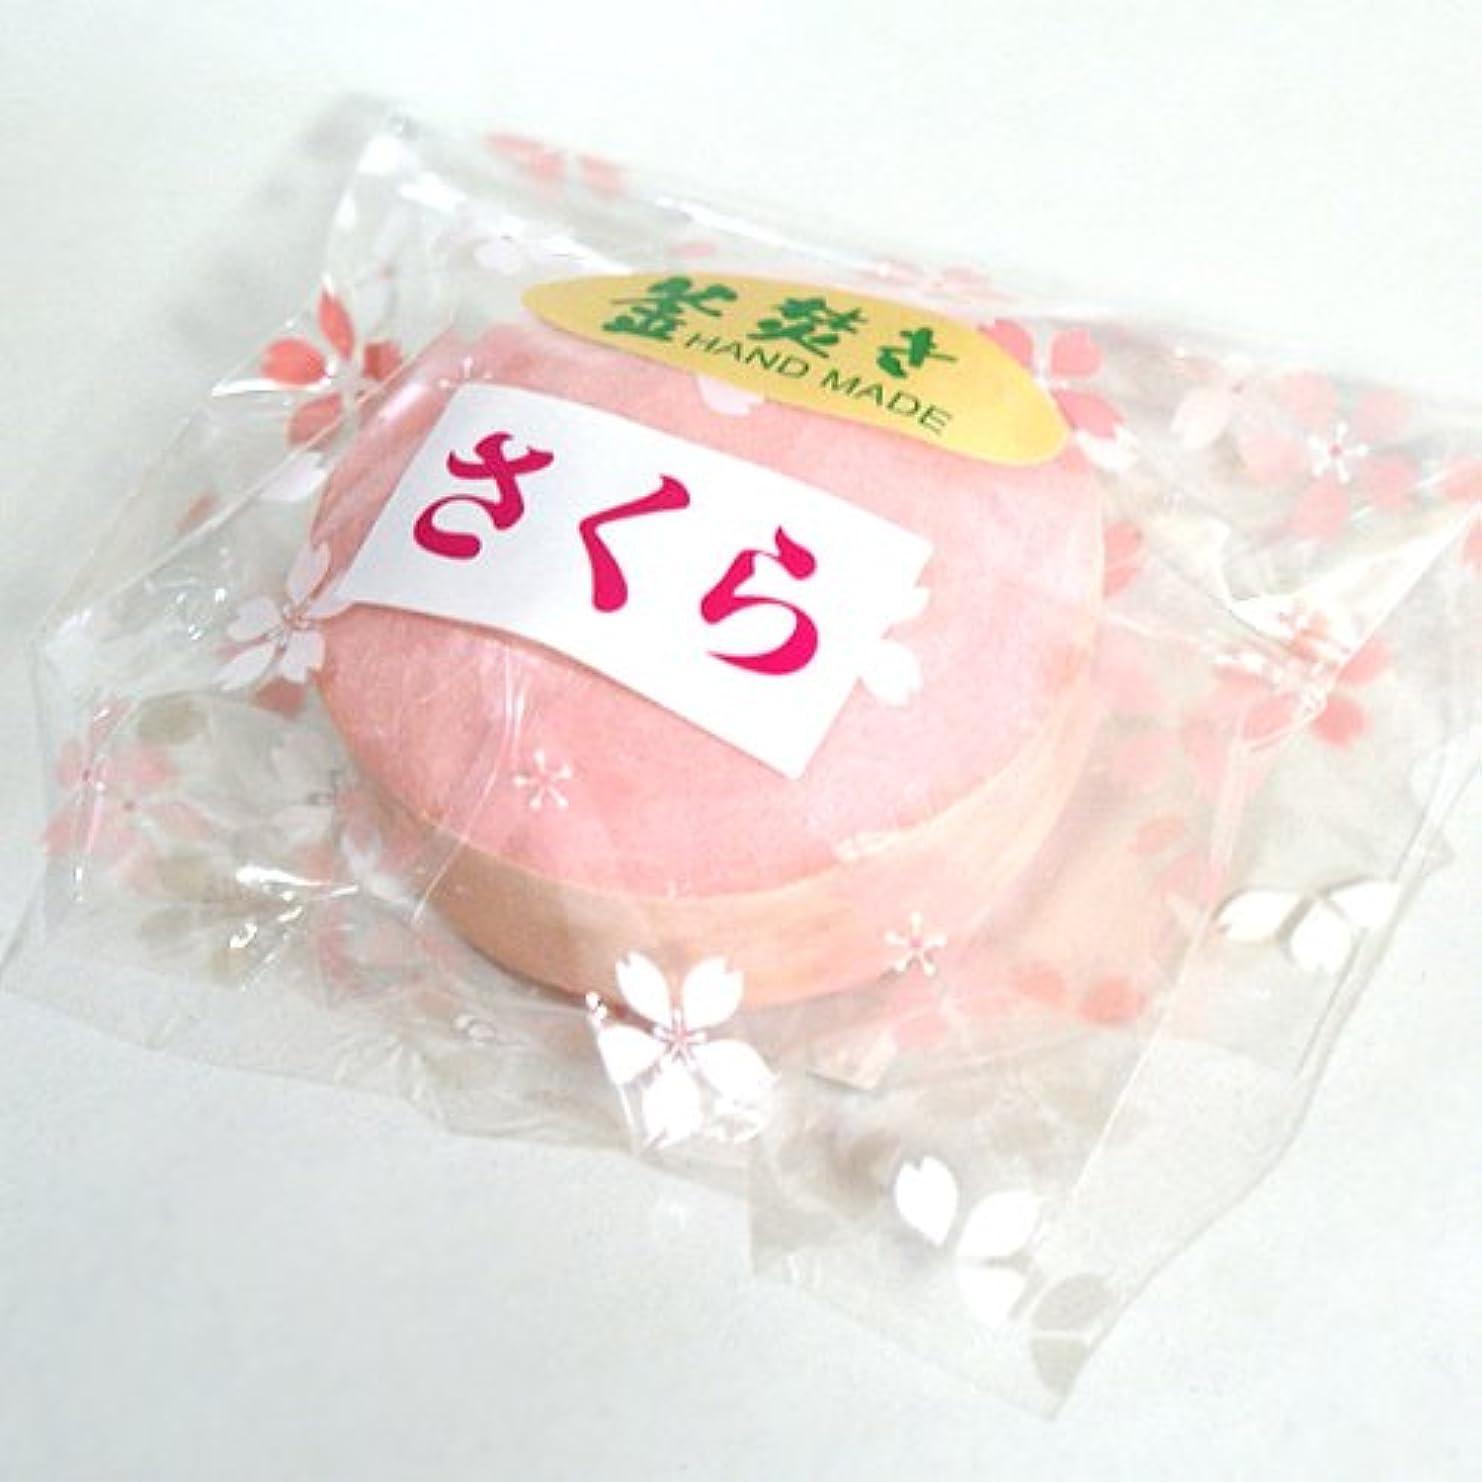 弓アデレード特殊八坂石鹸 手作り石けん さくら60g